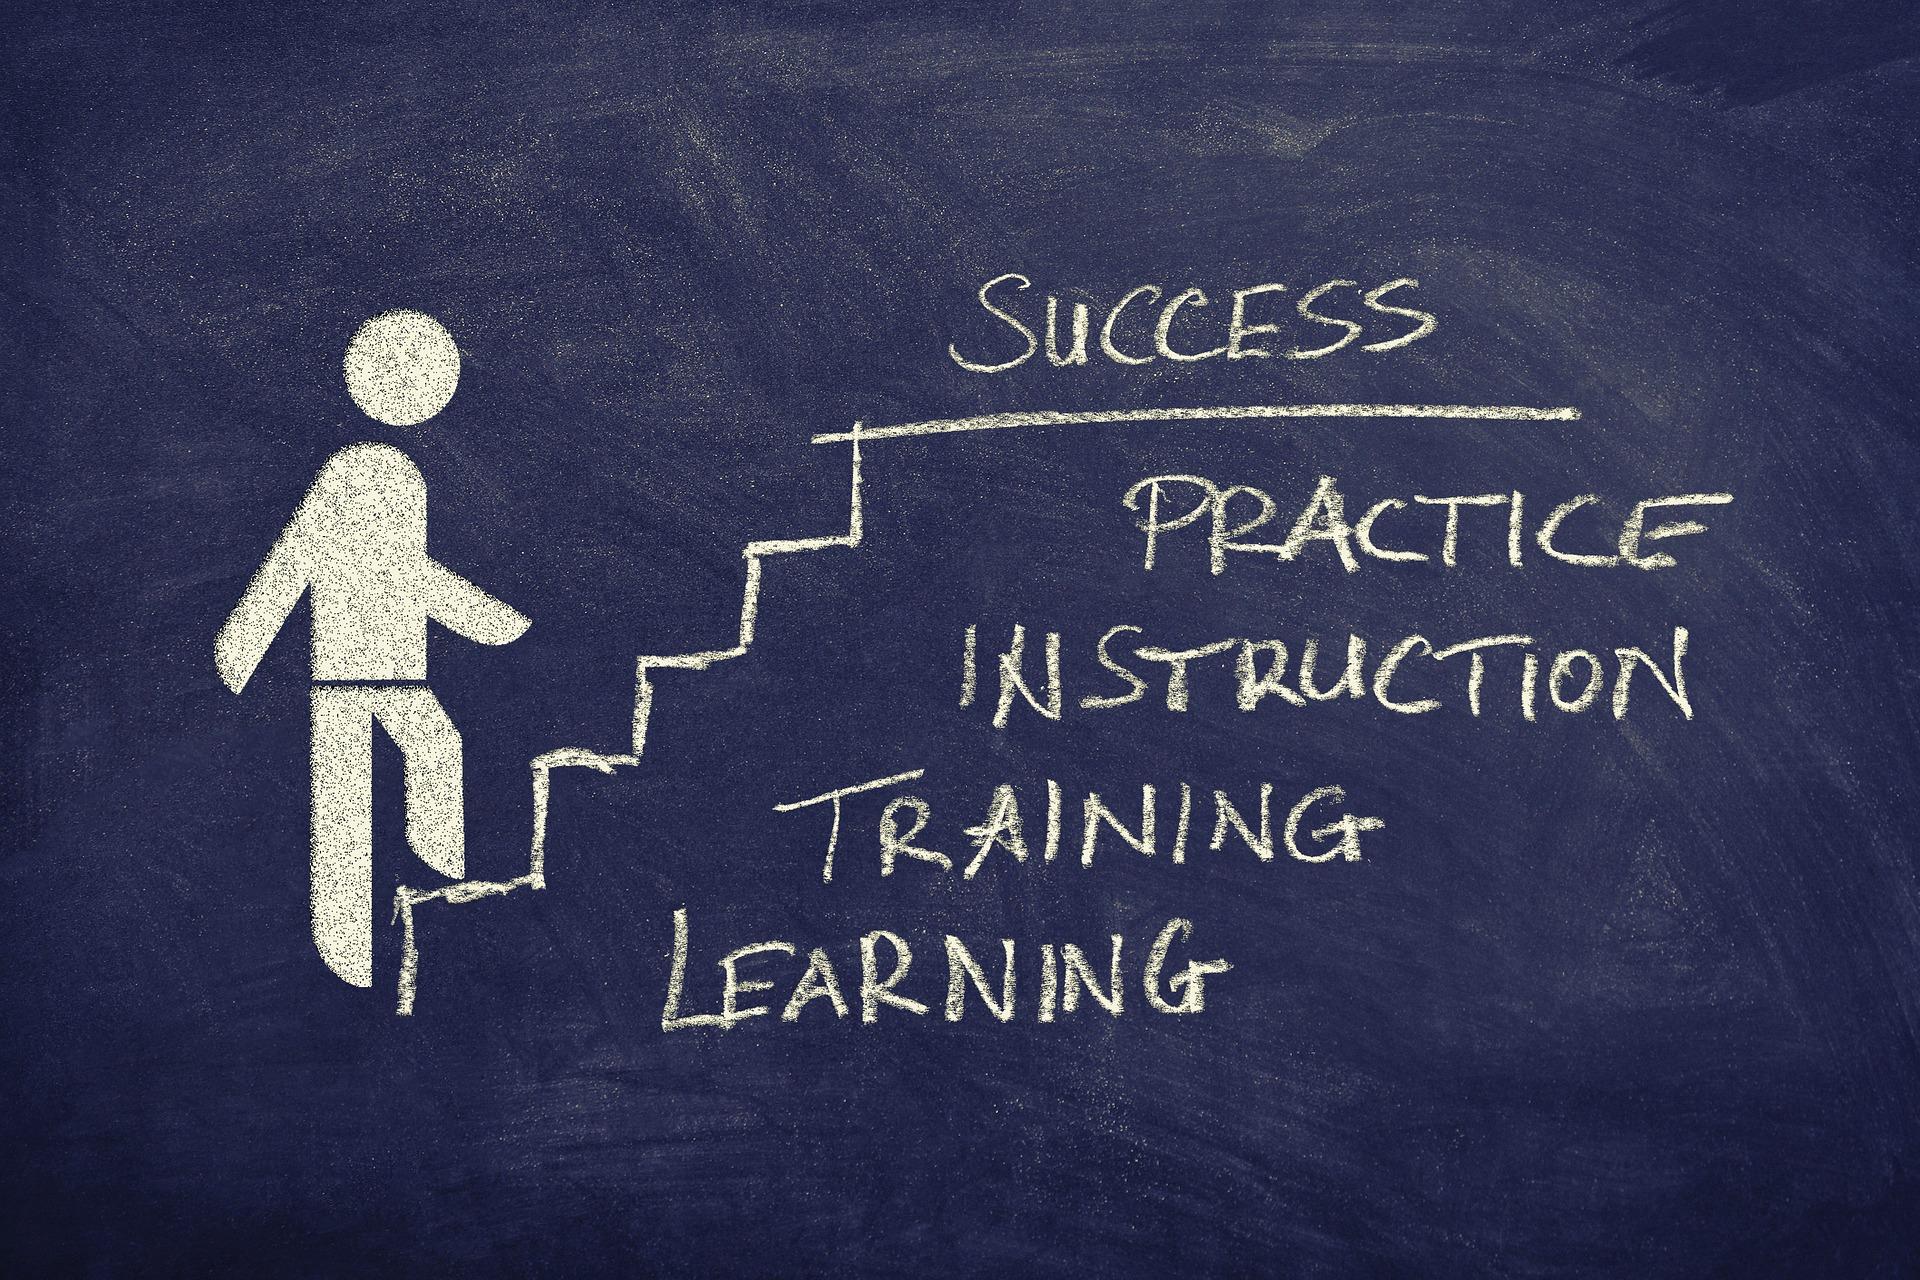 sucesso, carreira, treinamento, aprendizado